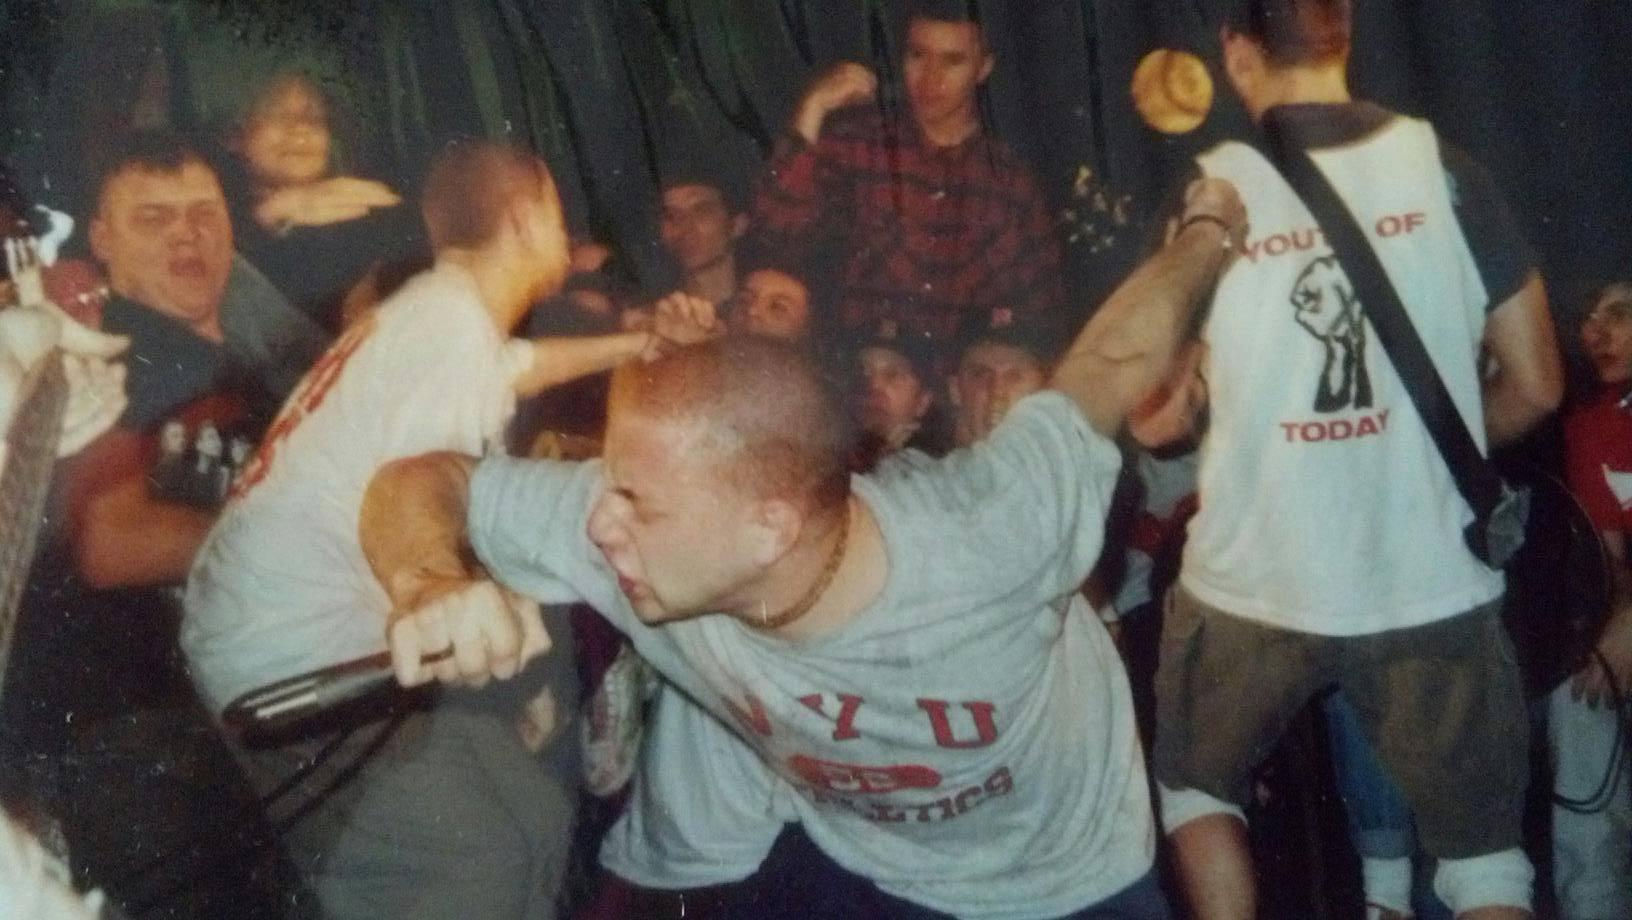 1980s hardcore